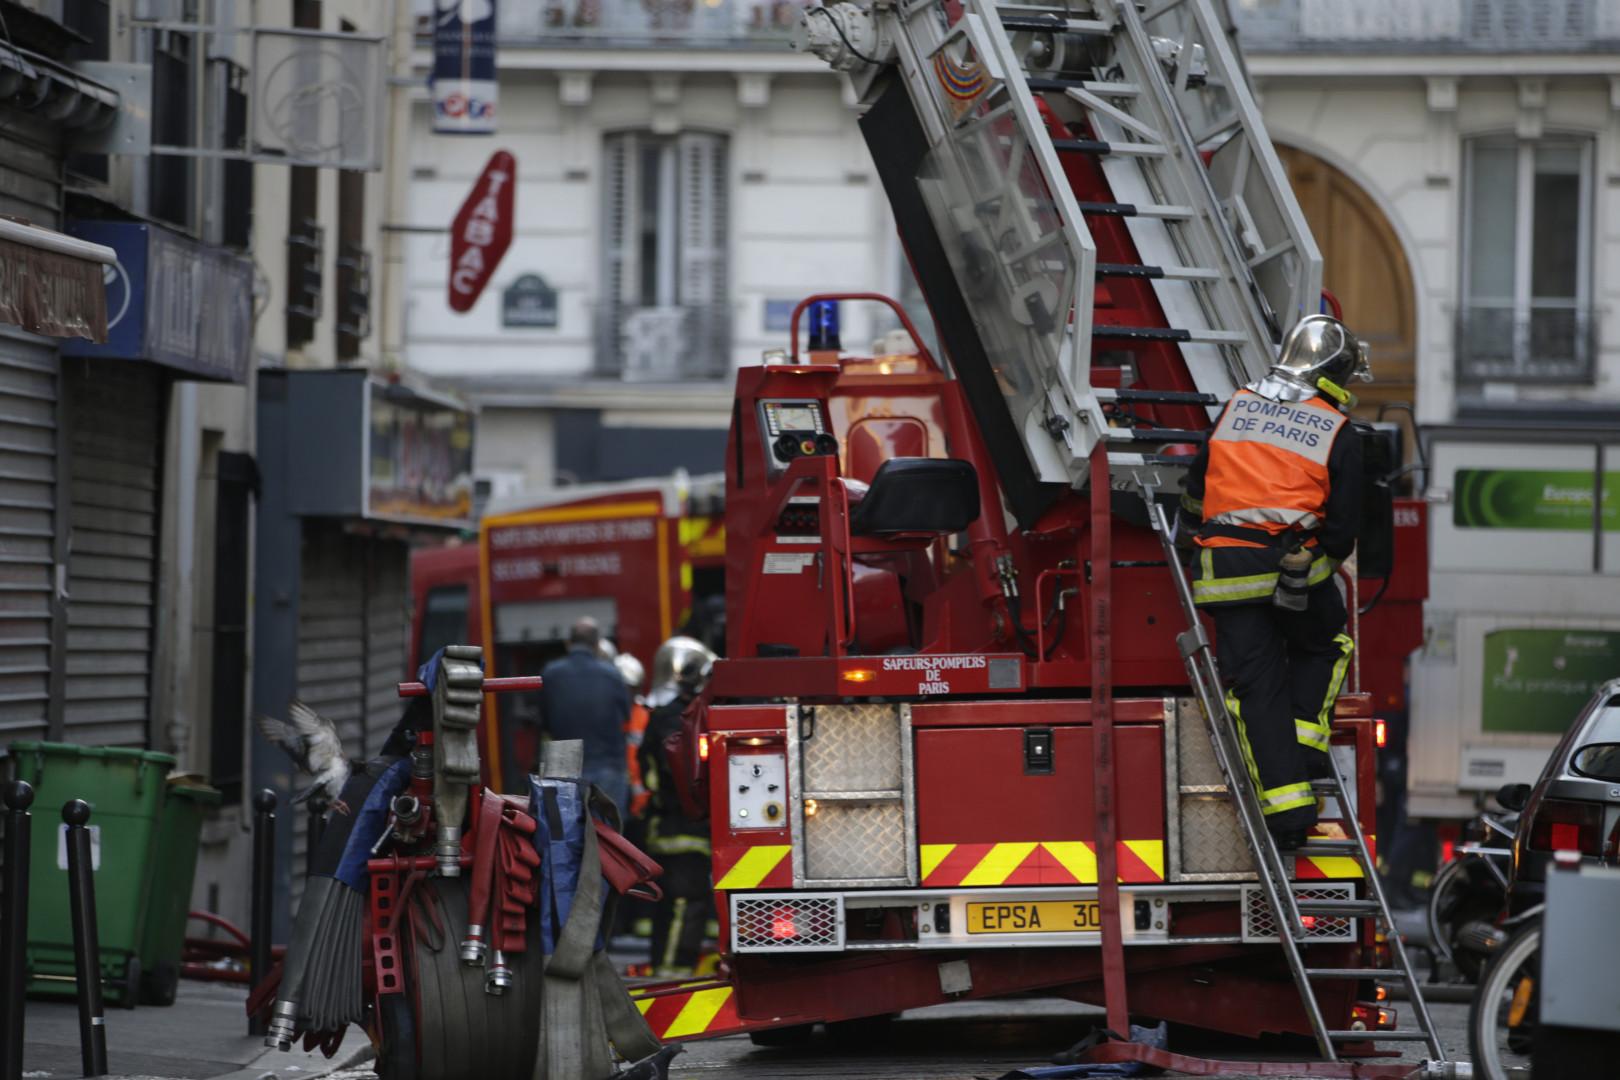 Les pompiers sont intervenus dans un immeuble parisien en proie aux flammes, mercredi 2 septembre